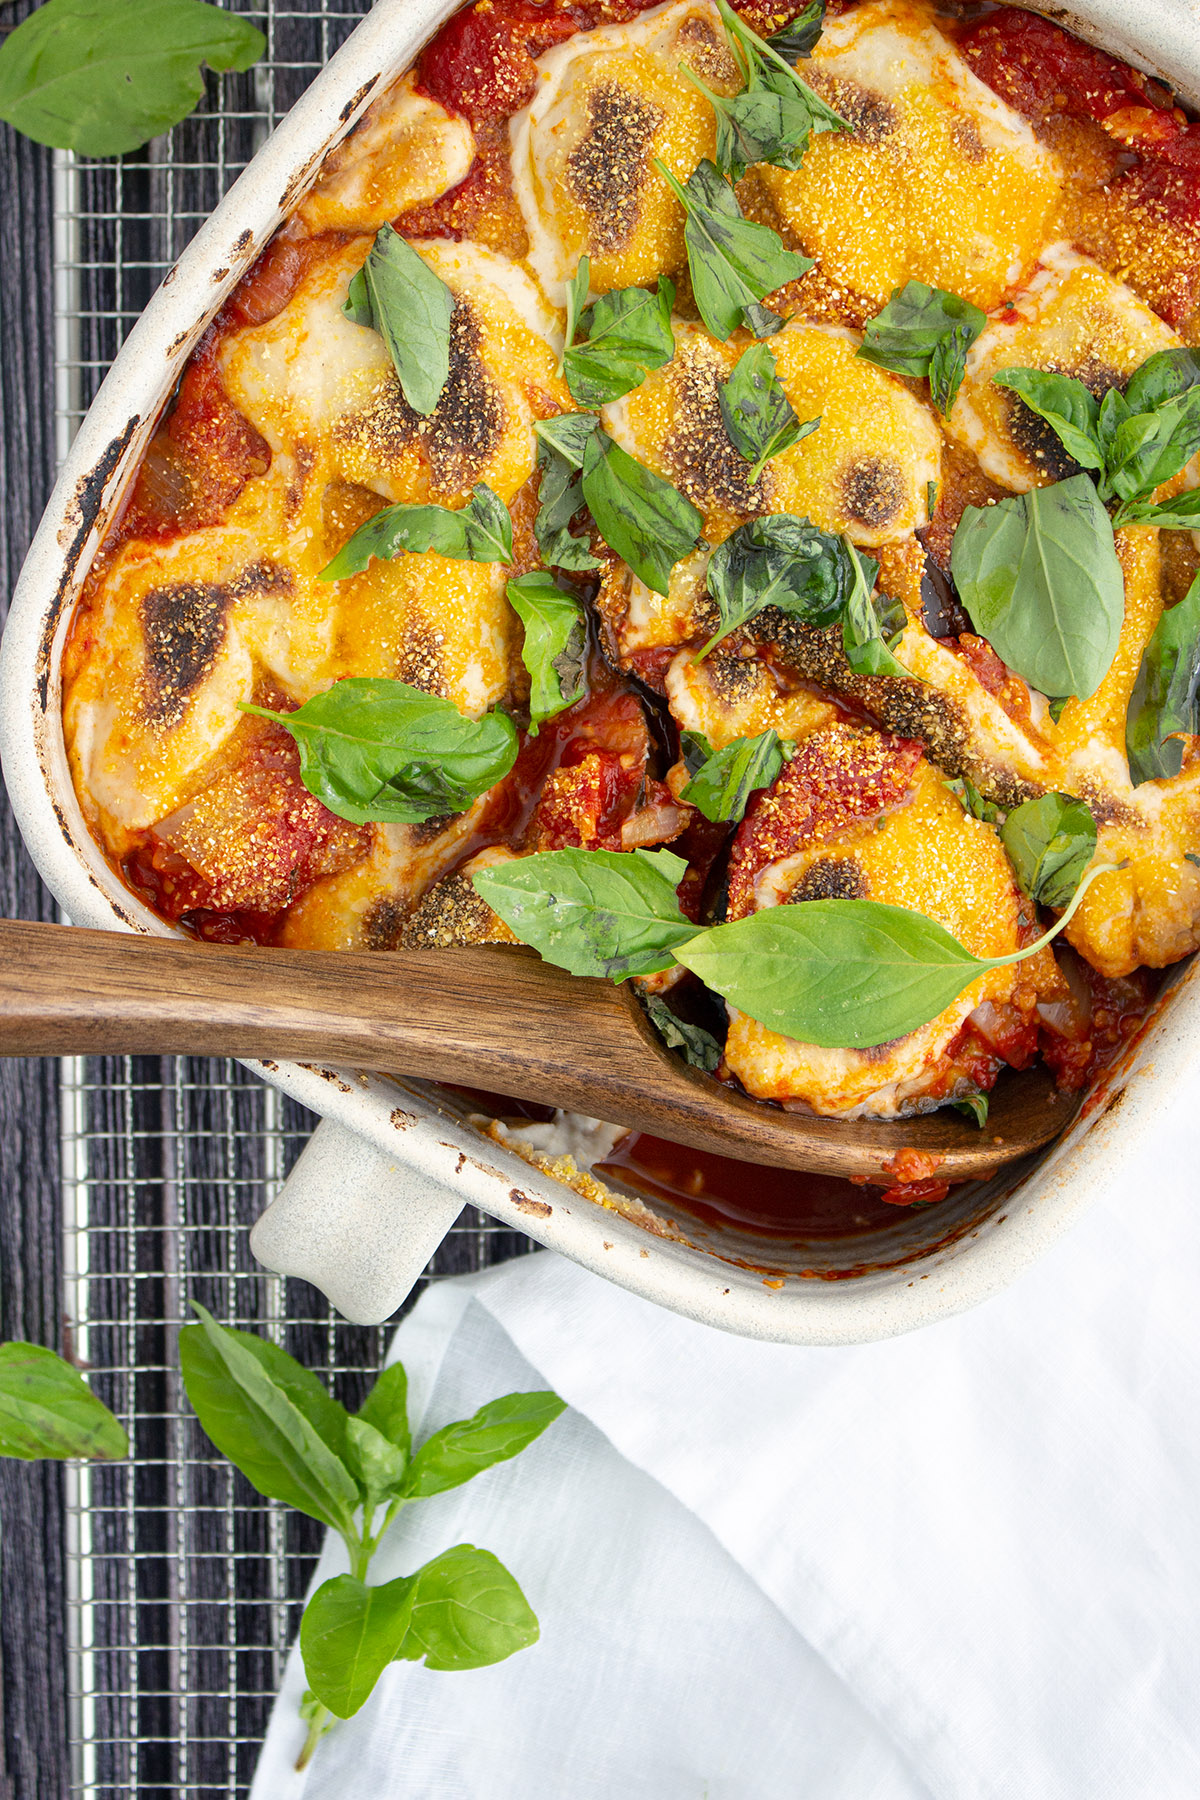 Auberginen Parmigiana (veganer Auberginenauflauf), Vegan aubergine parmigiana, vegan vegetable bake